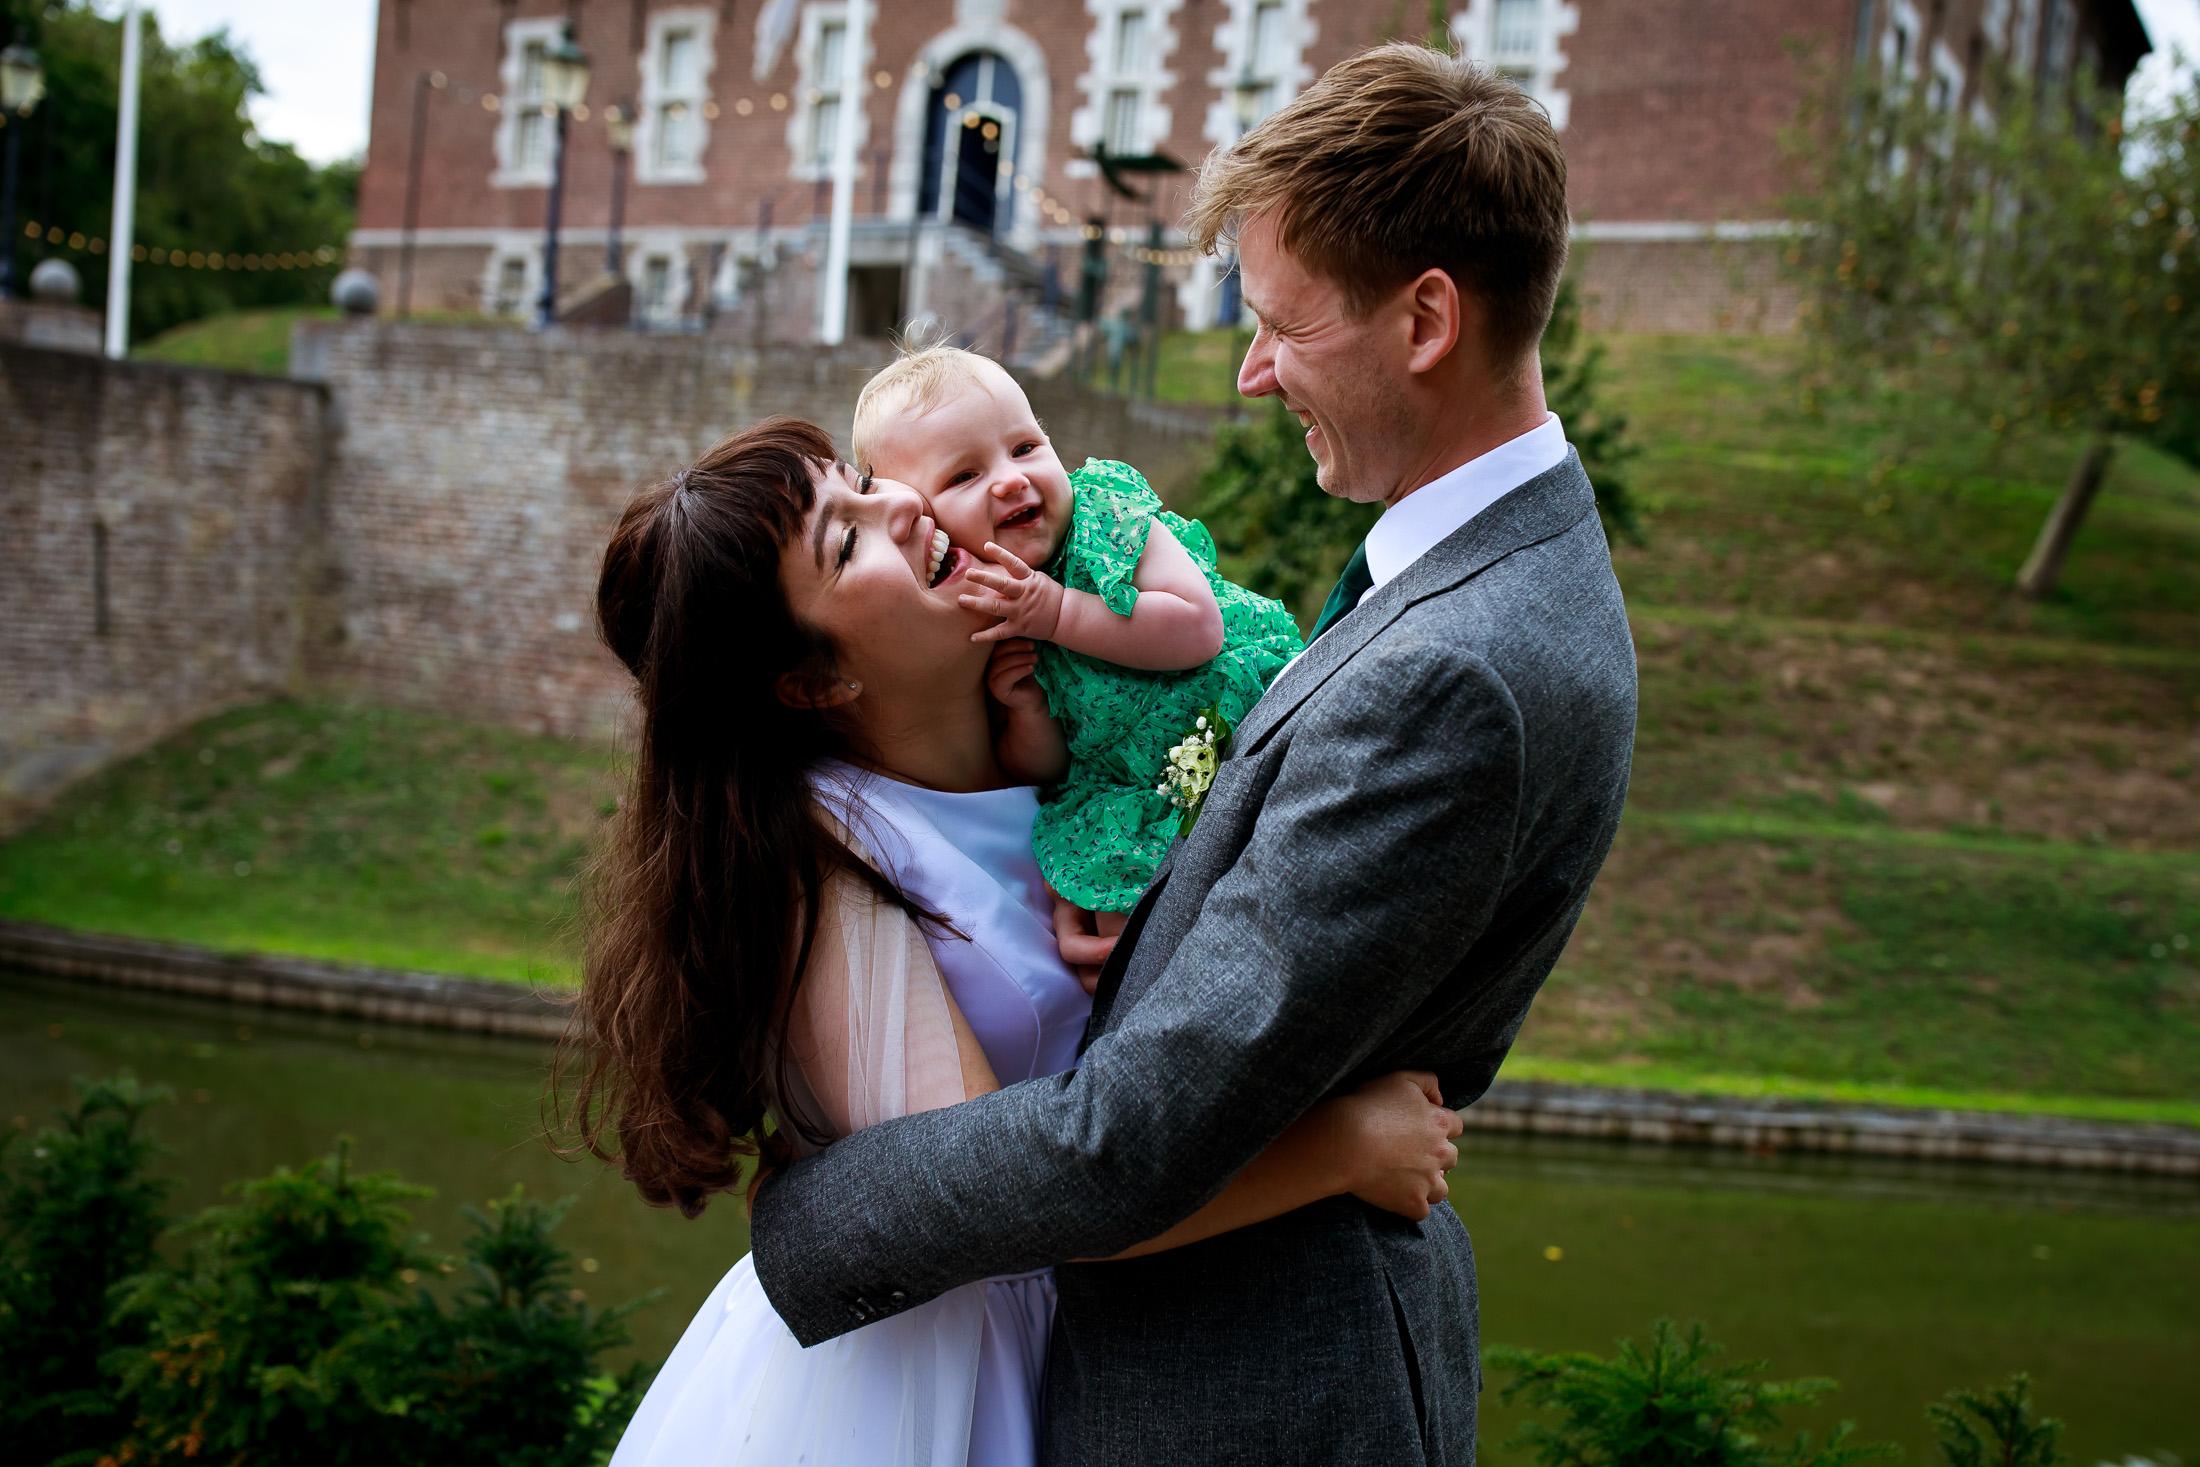 Trouwen bij Kasteel Limbricht   Trouwen in Limburg   Trouwfotograaf Limburg   Trouwen met kinderen